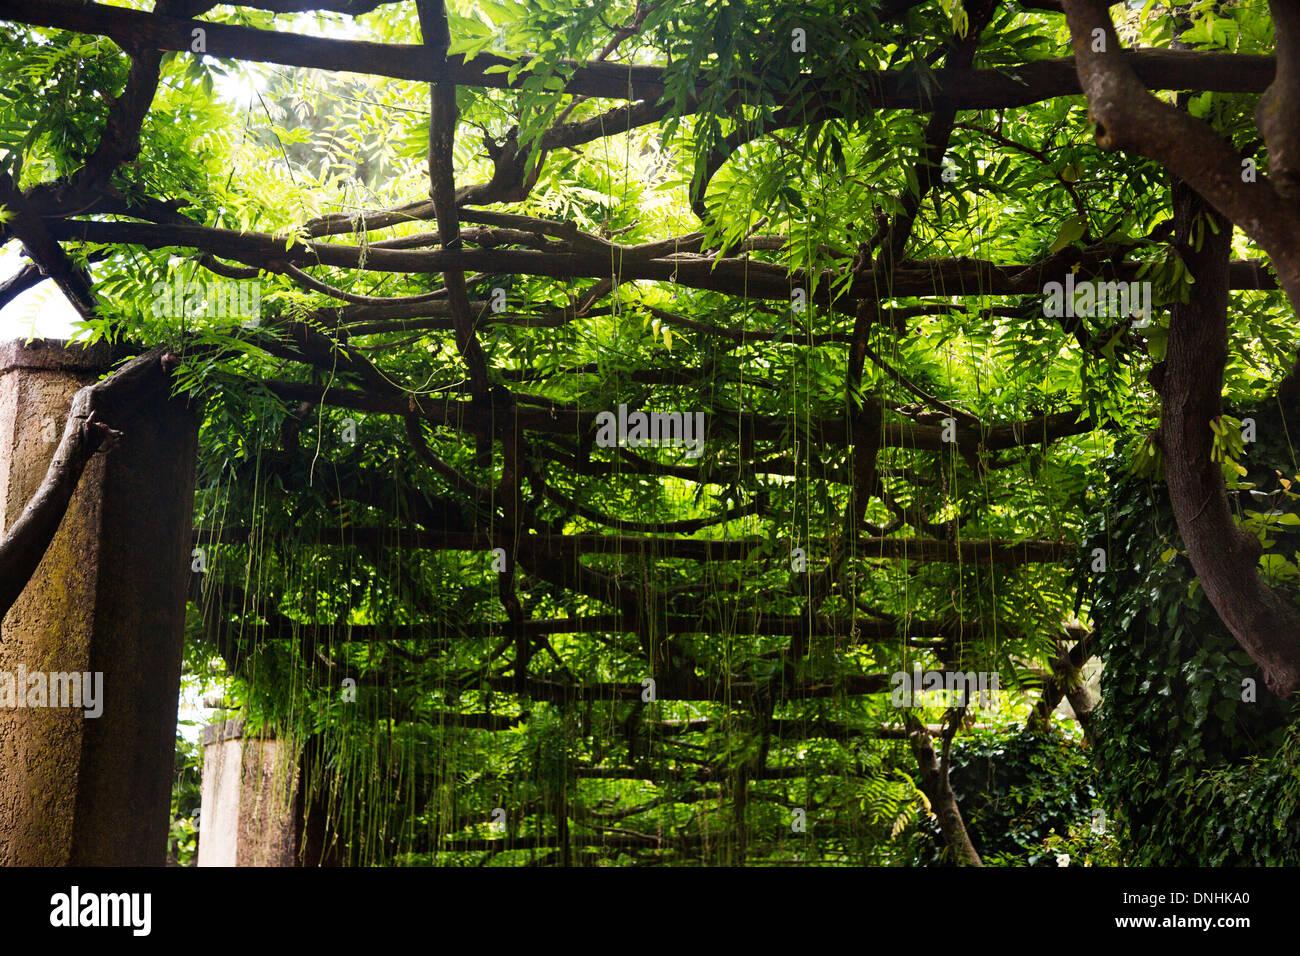 Albero canopy, Villa Cimbrone, Ravello, provincia di Salerno, Campania, Italia Foto Stock